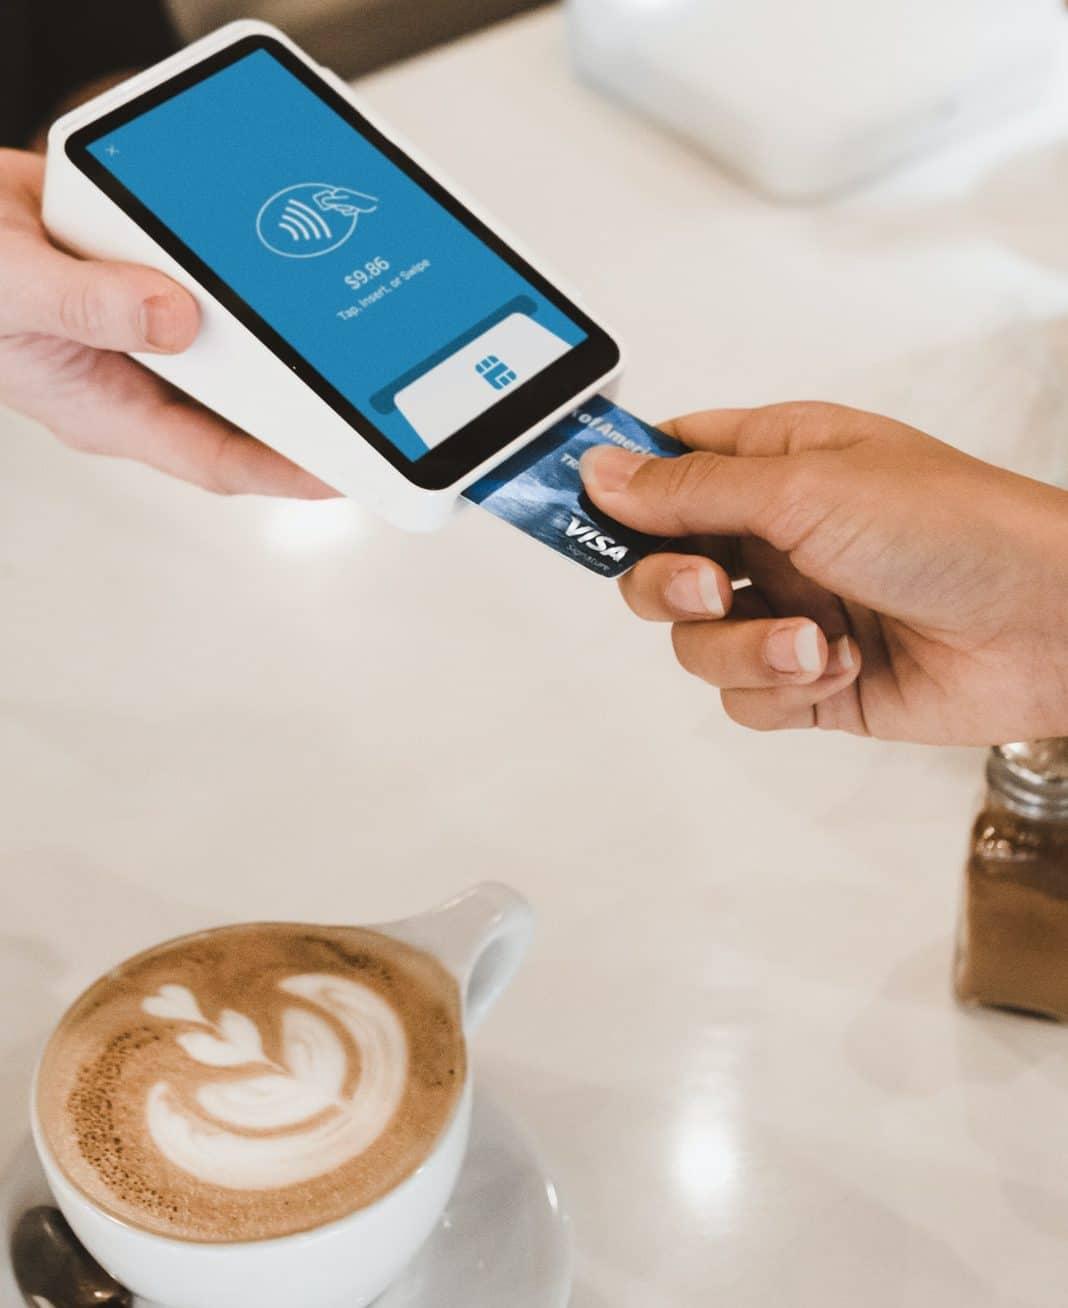 Une personne payant un café à l'aide d'une carte bancaire.